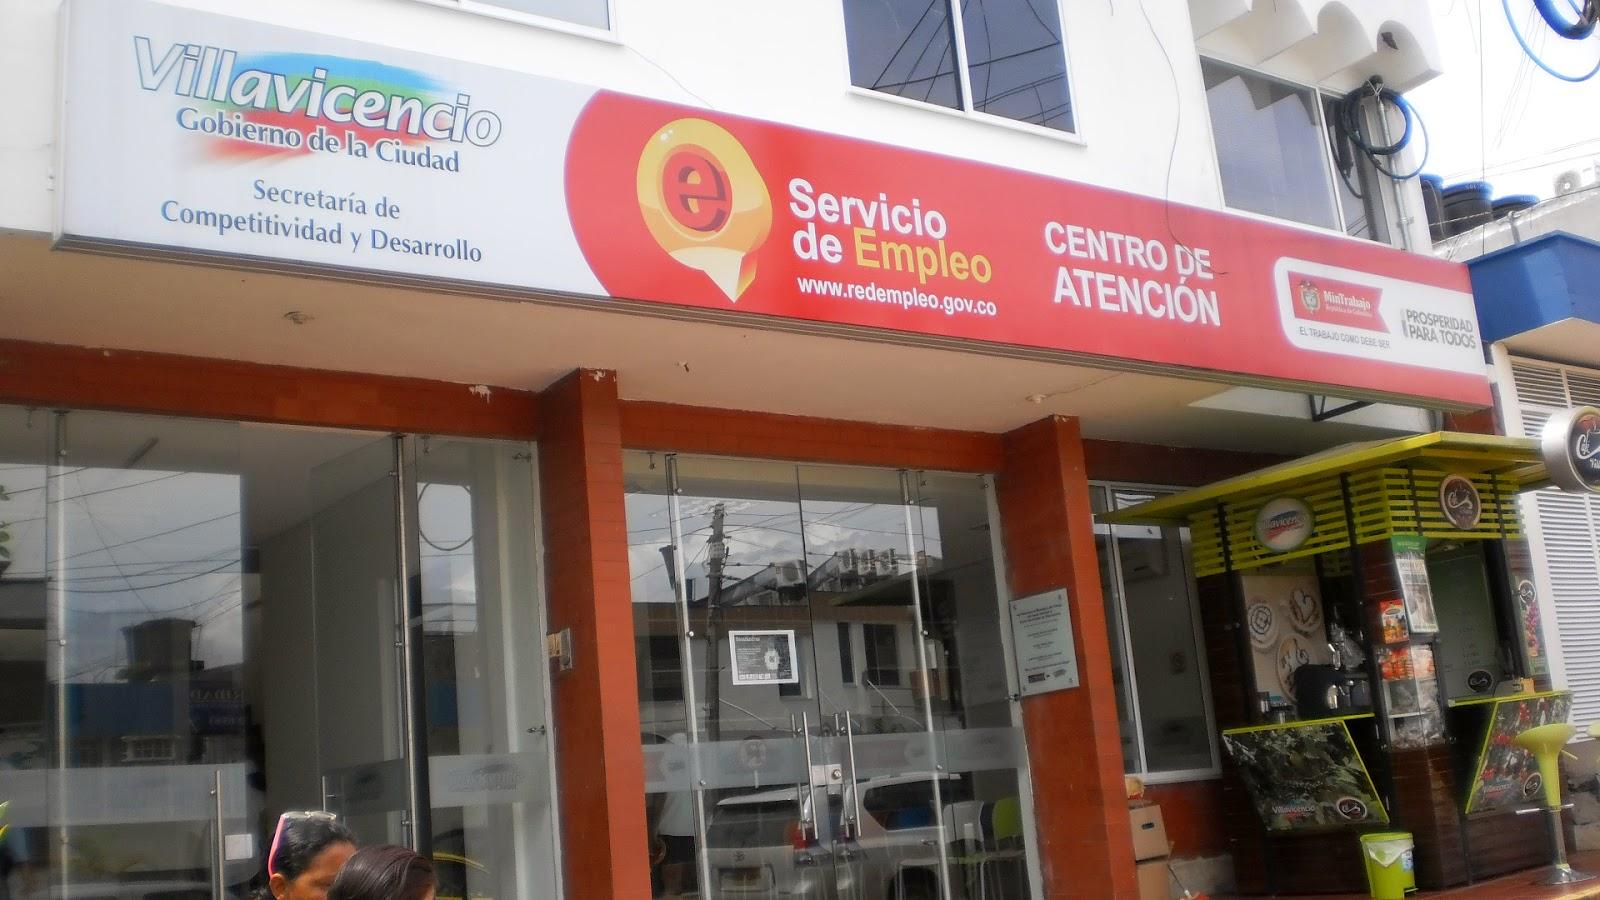 Hay vacantes para trabajar en villavicencio regi n 365 for Centro de trabajo oficina